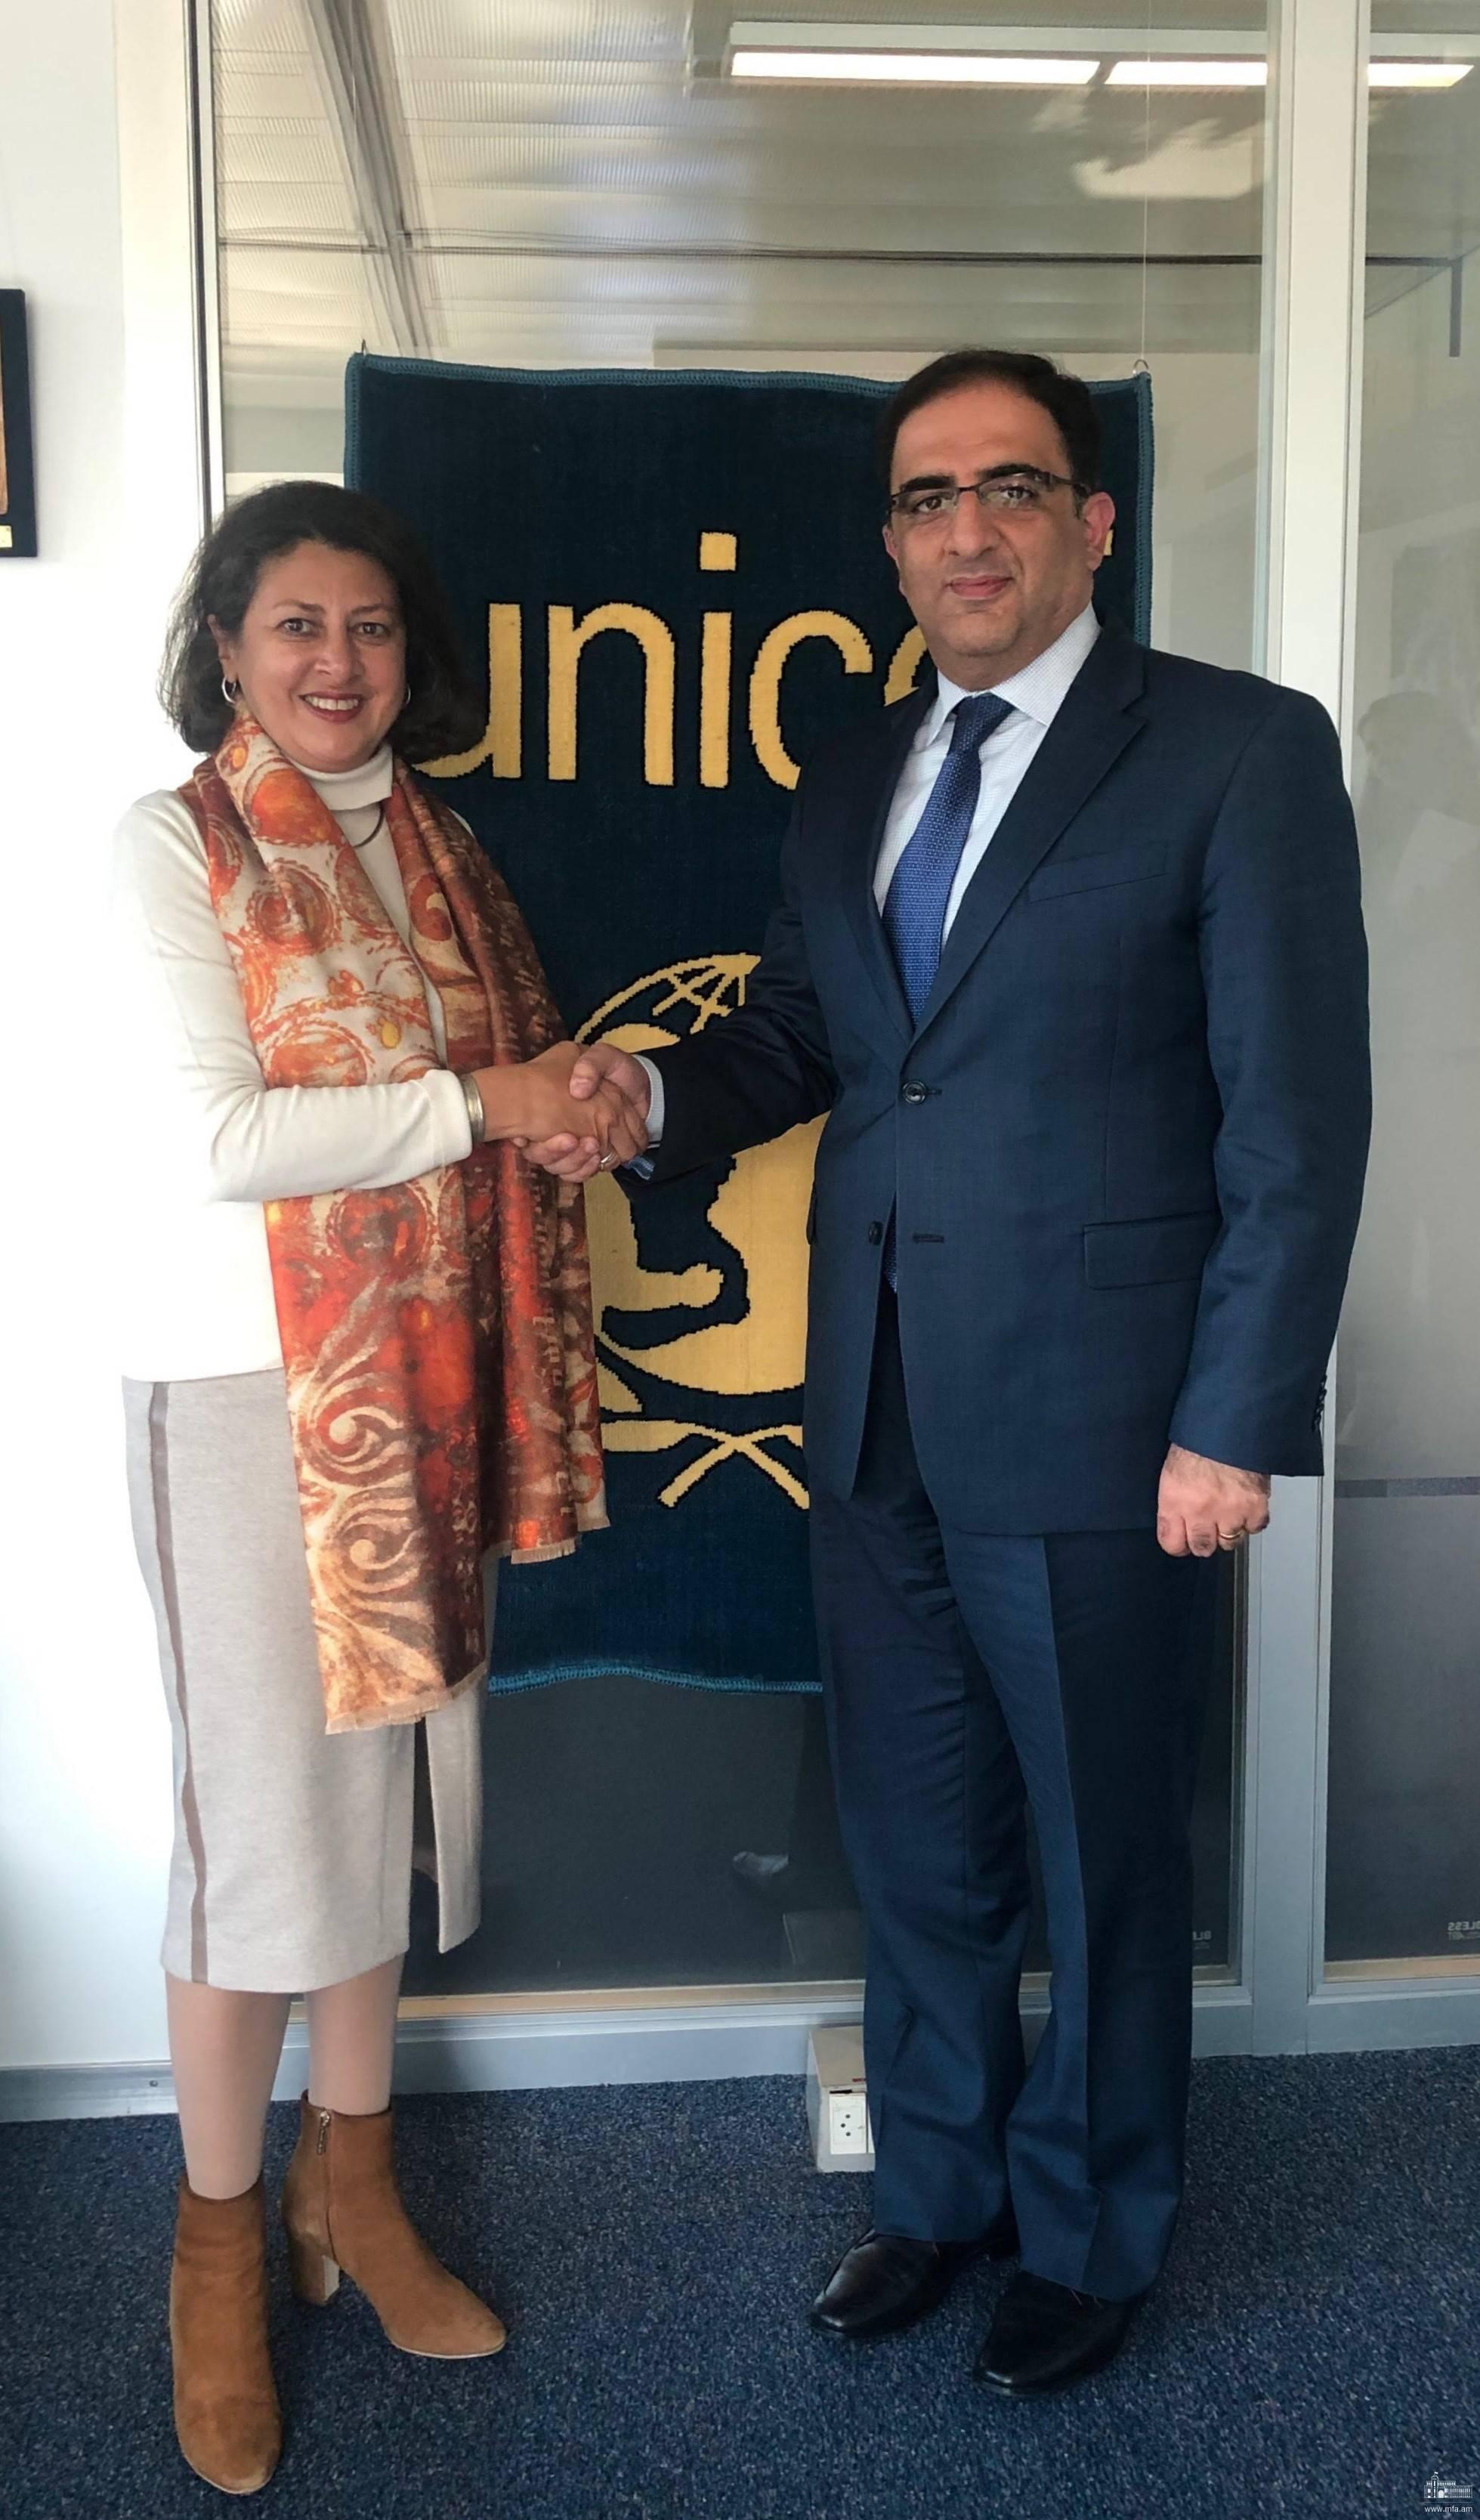 ՀՀ մշտական ներկայացուցչի հանդիպումը ՄԱԿ-ի մանկական հիմնադրամի տարածաշրջանային տնօրենի հետ